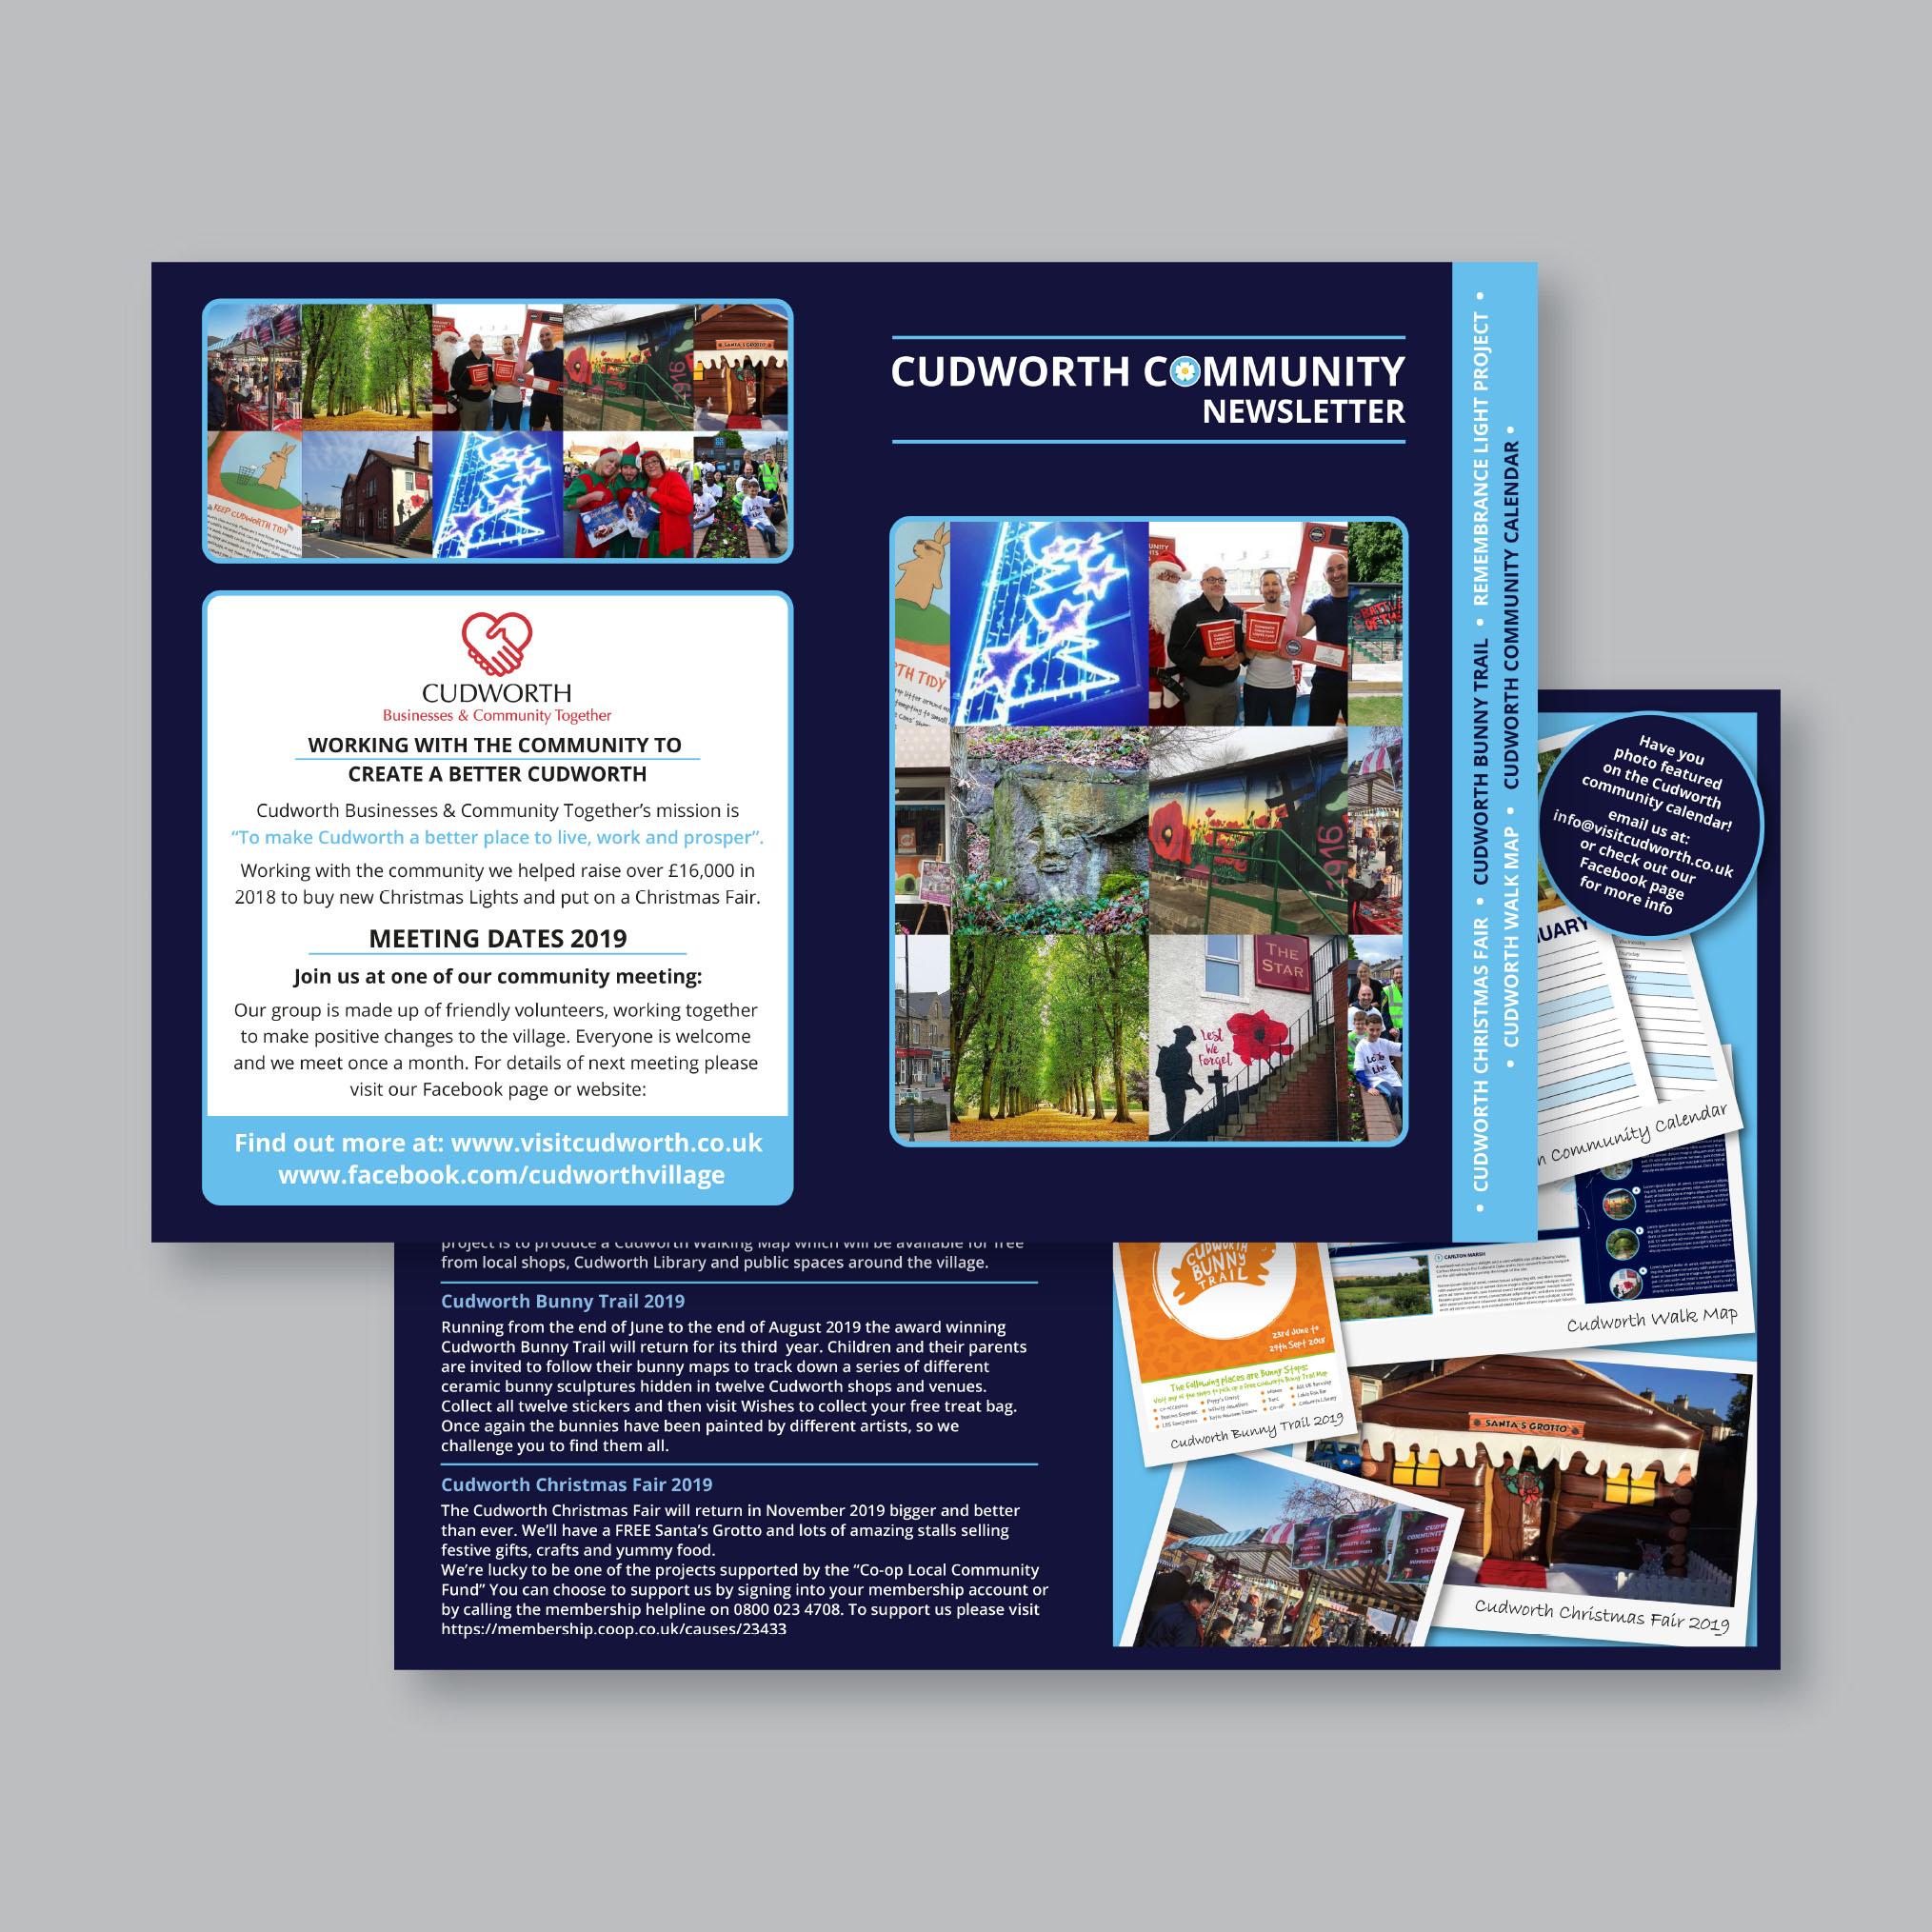 Cudworth Community Leaflet